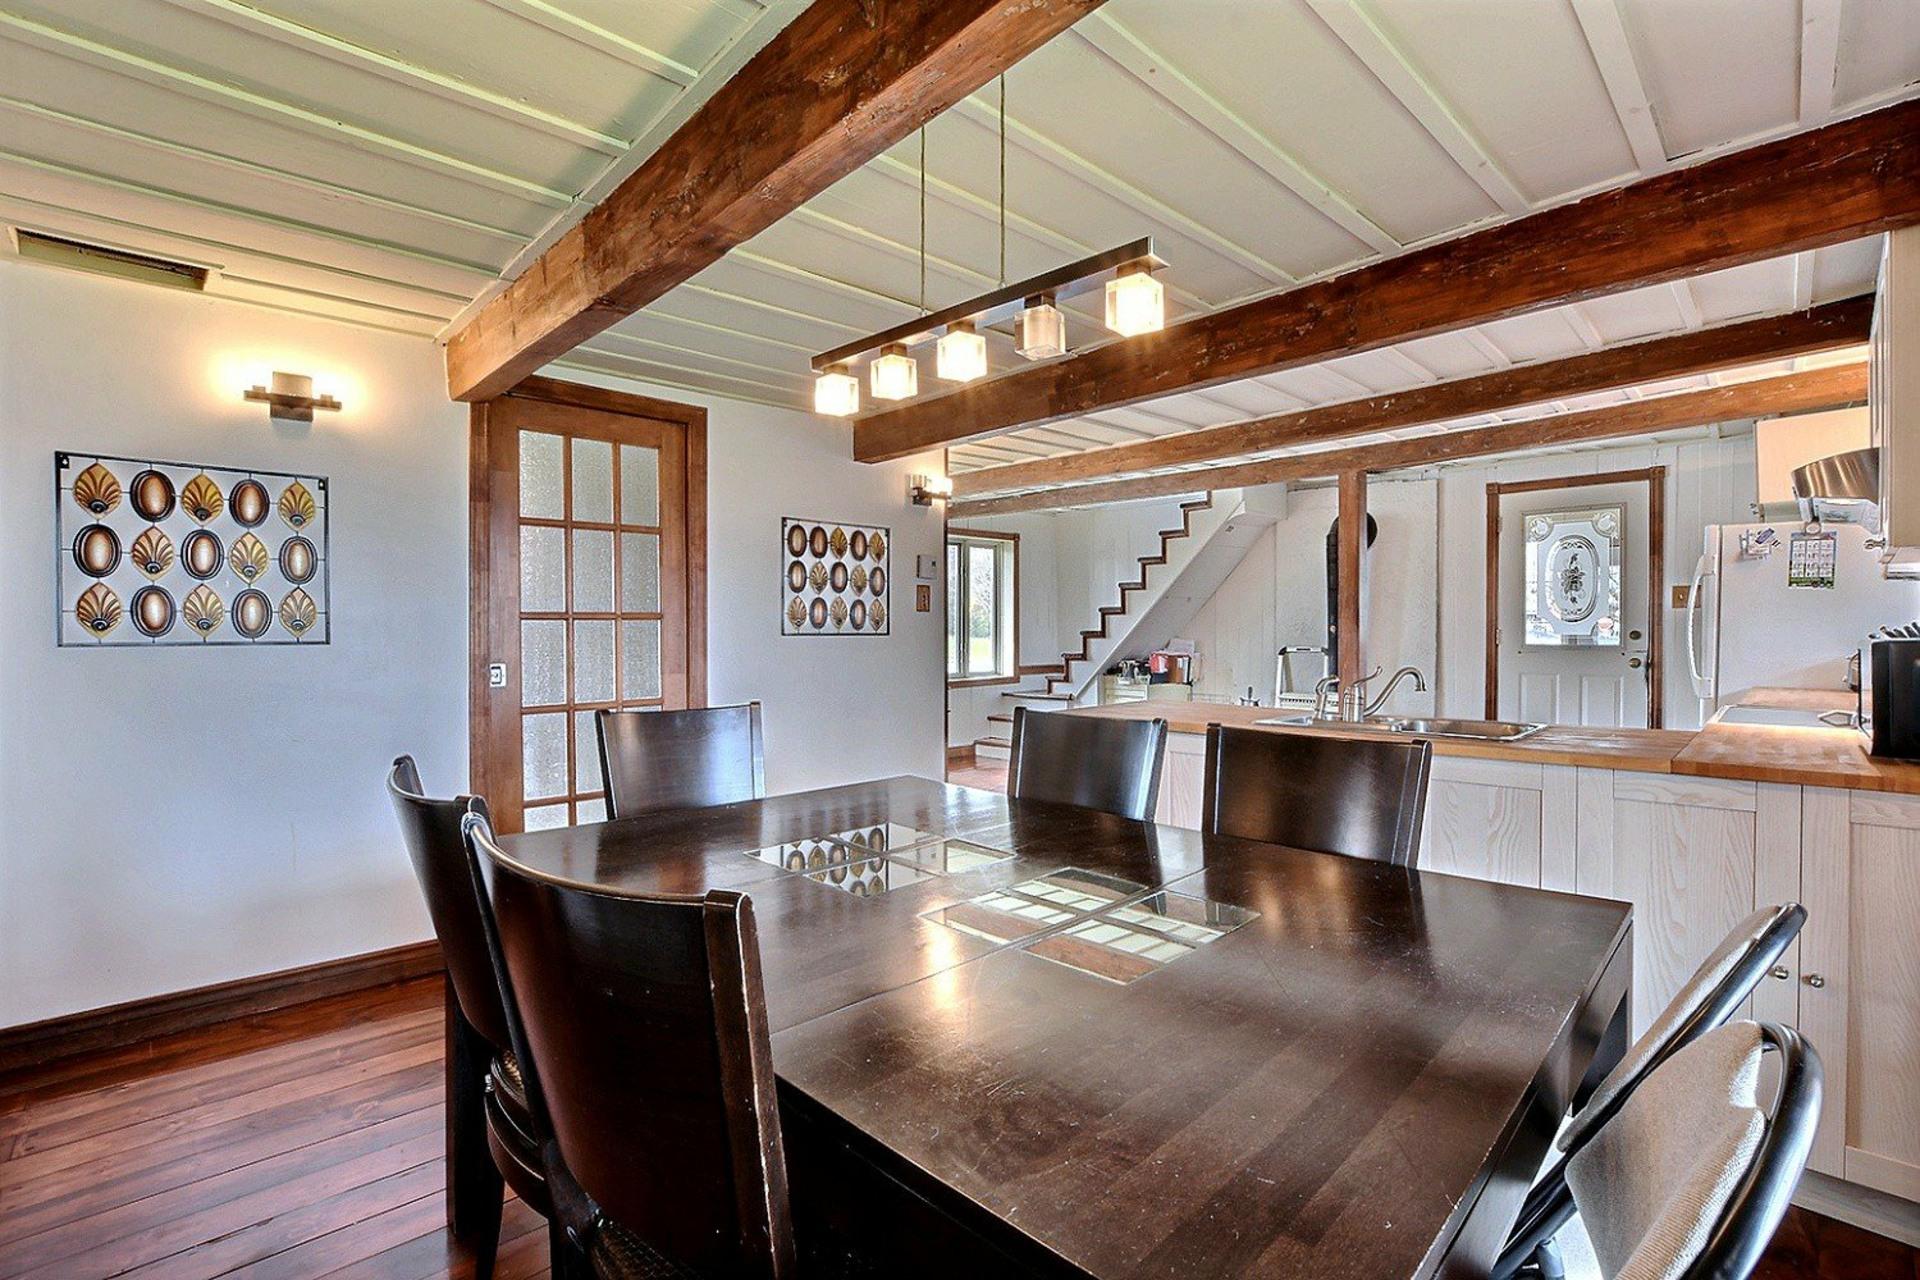 image 11 - Maison À vendre Saint-Joseph-du-Lac - 8 pièces